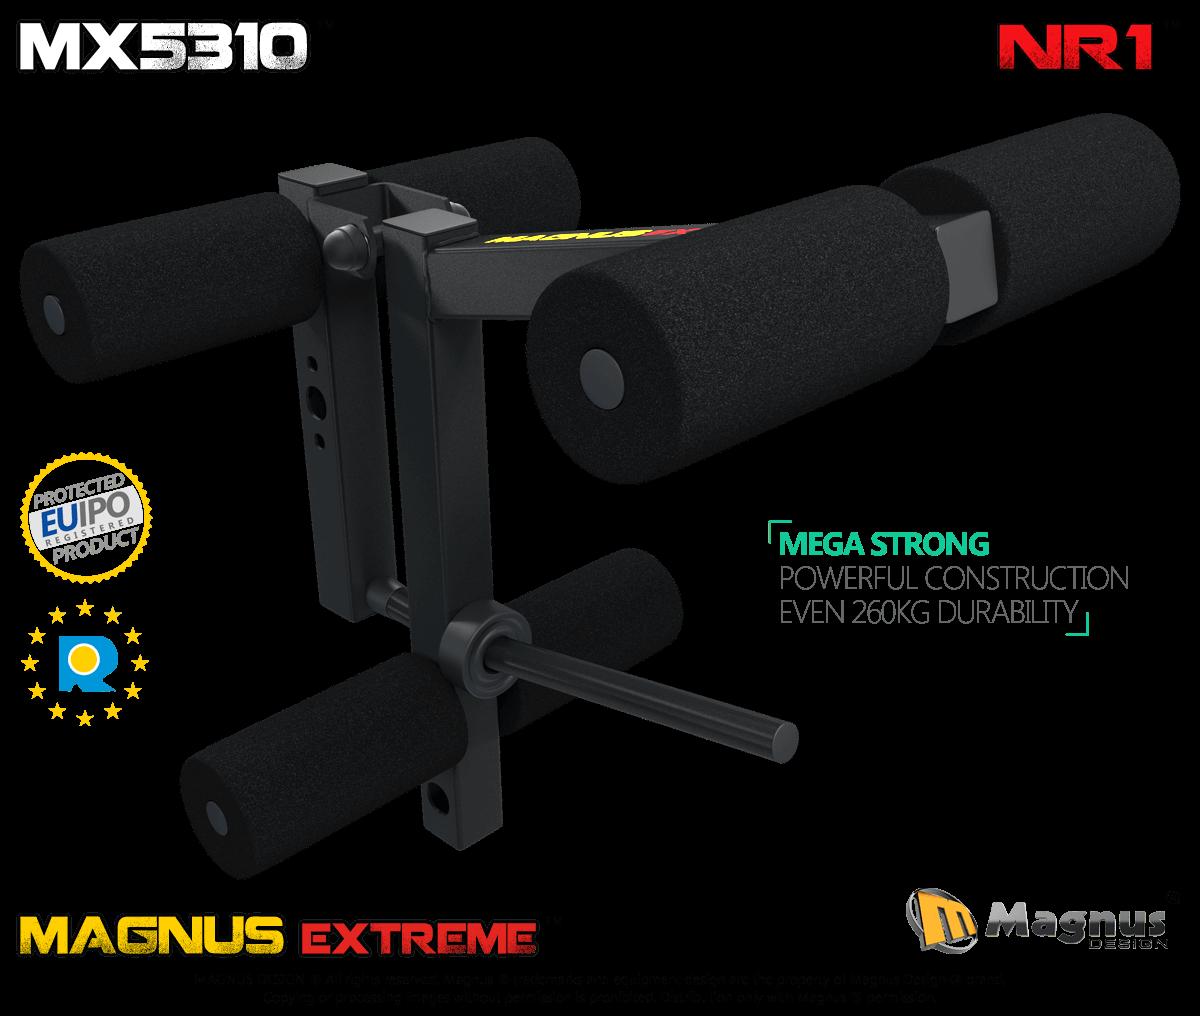 Leg station for leg muscles training Magnus MX5310